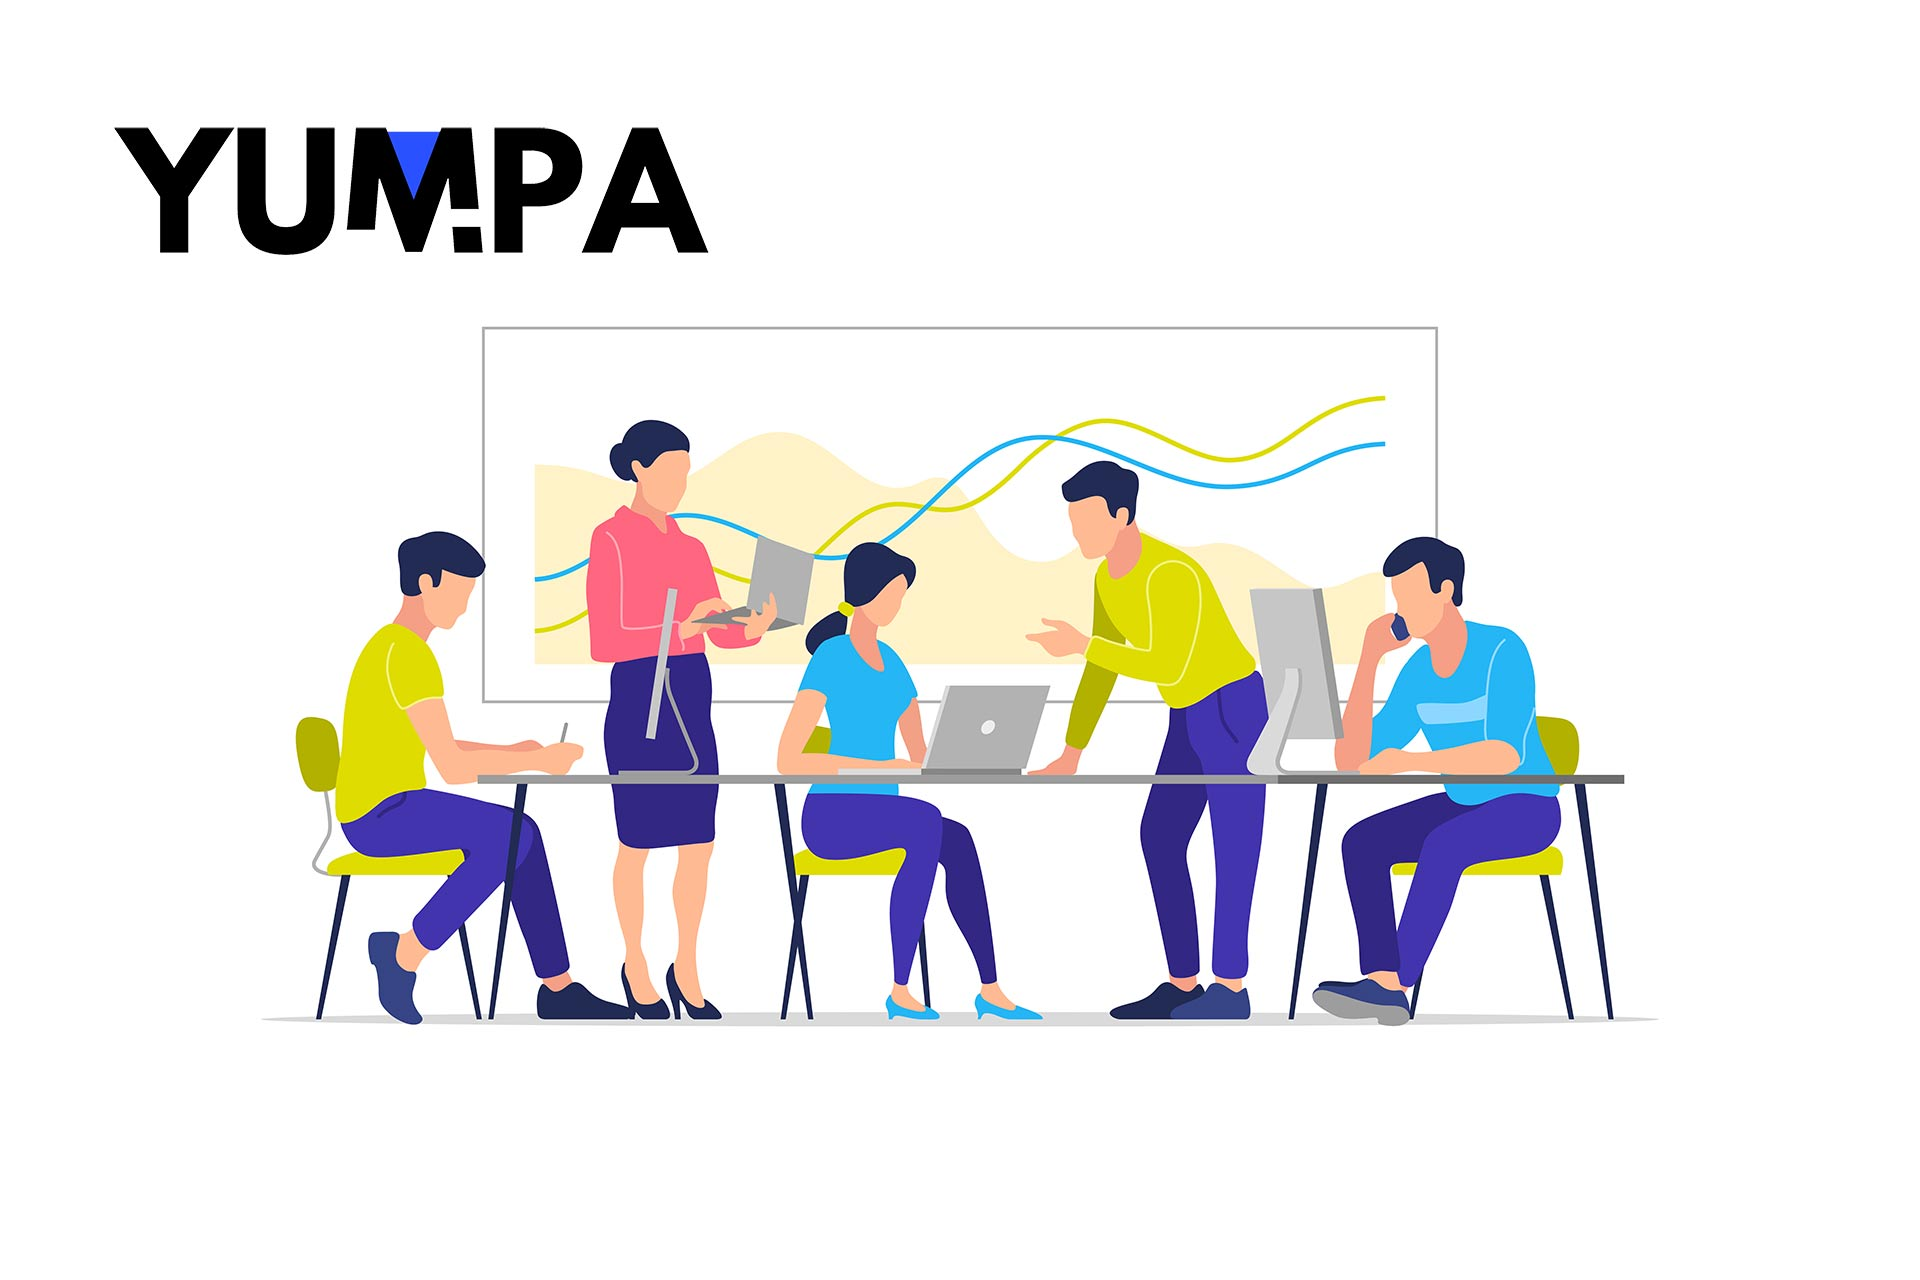 Agenzia Sviluppo Siti Web · Realizzazione Siti Web - Yumpa